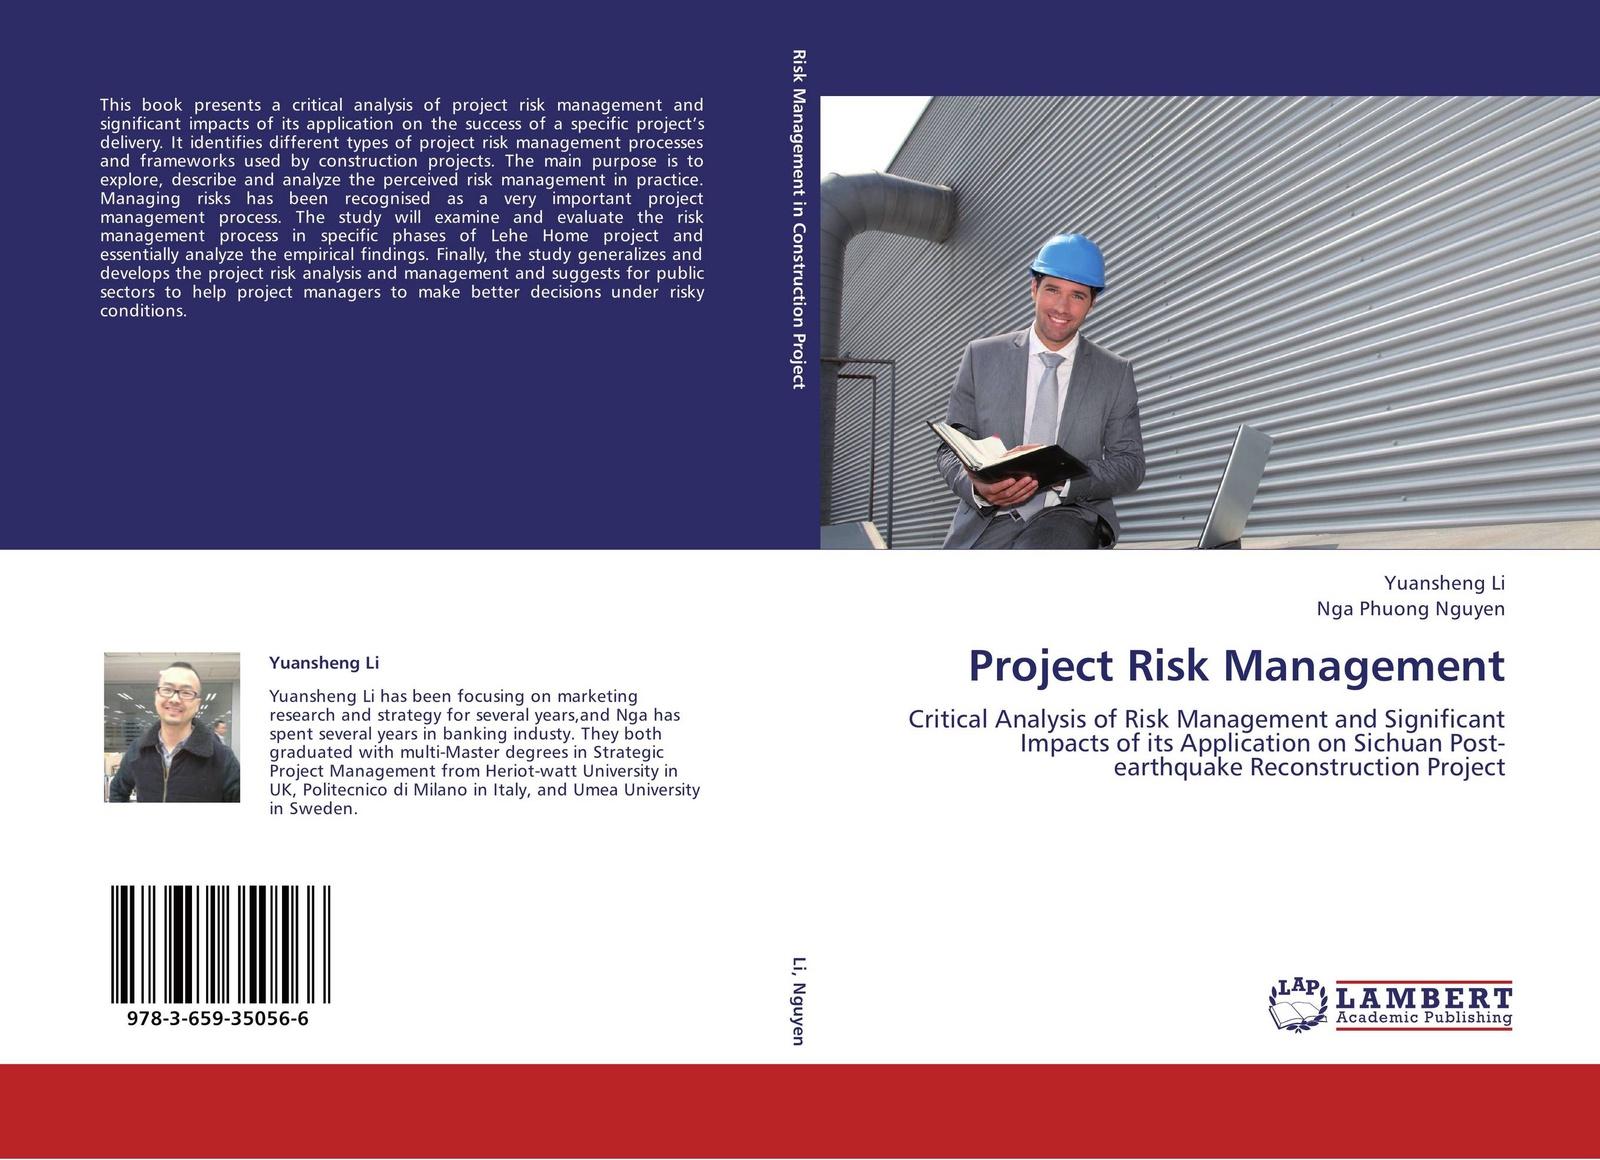 Yuansheng Li and Nga Phuong Nguyen Project Risk Management